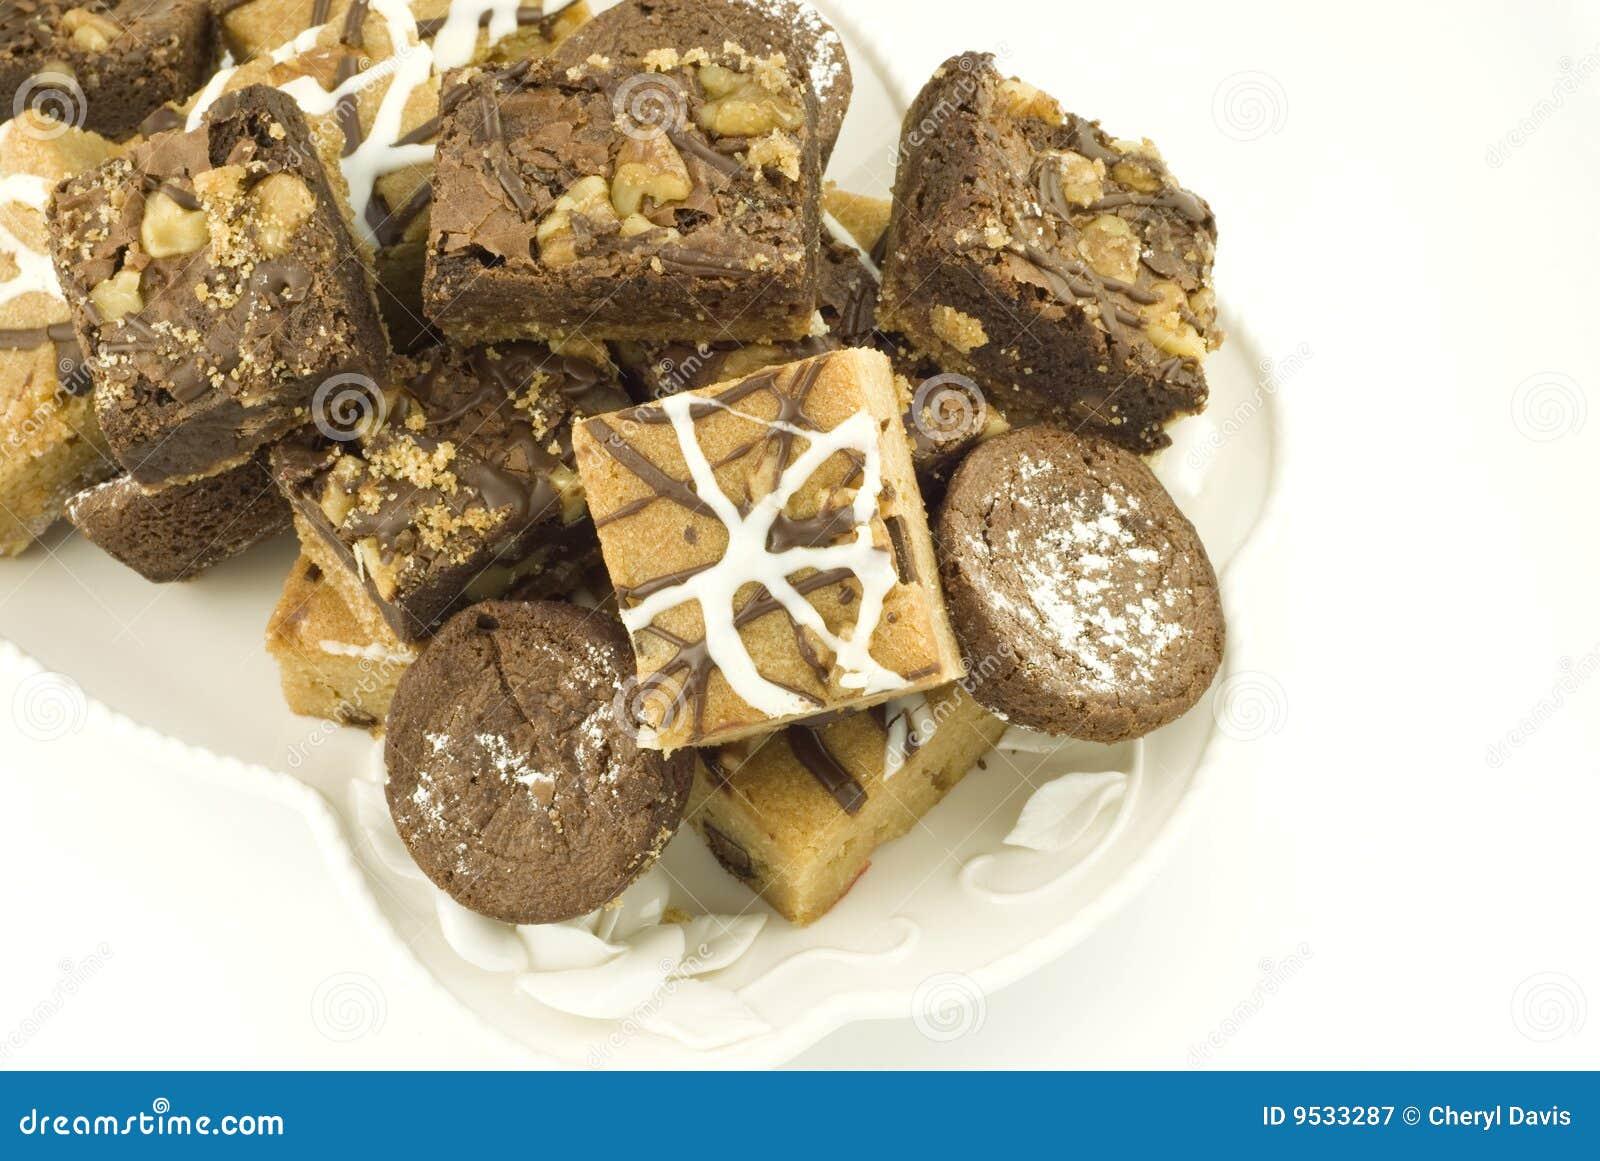 Placa de las barras clasificadas del postre del chocolate